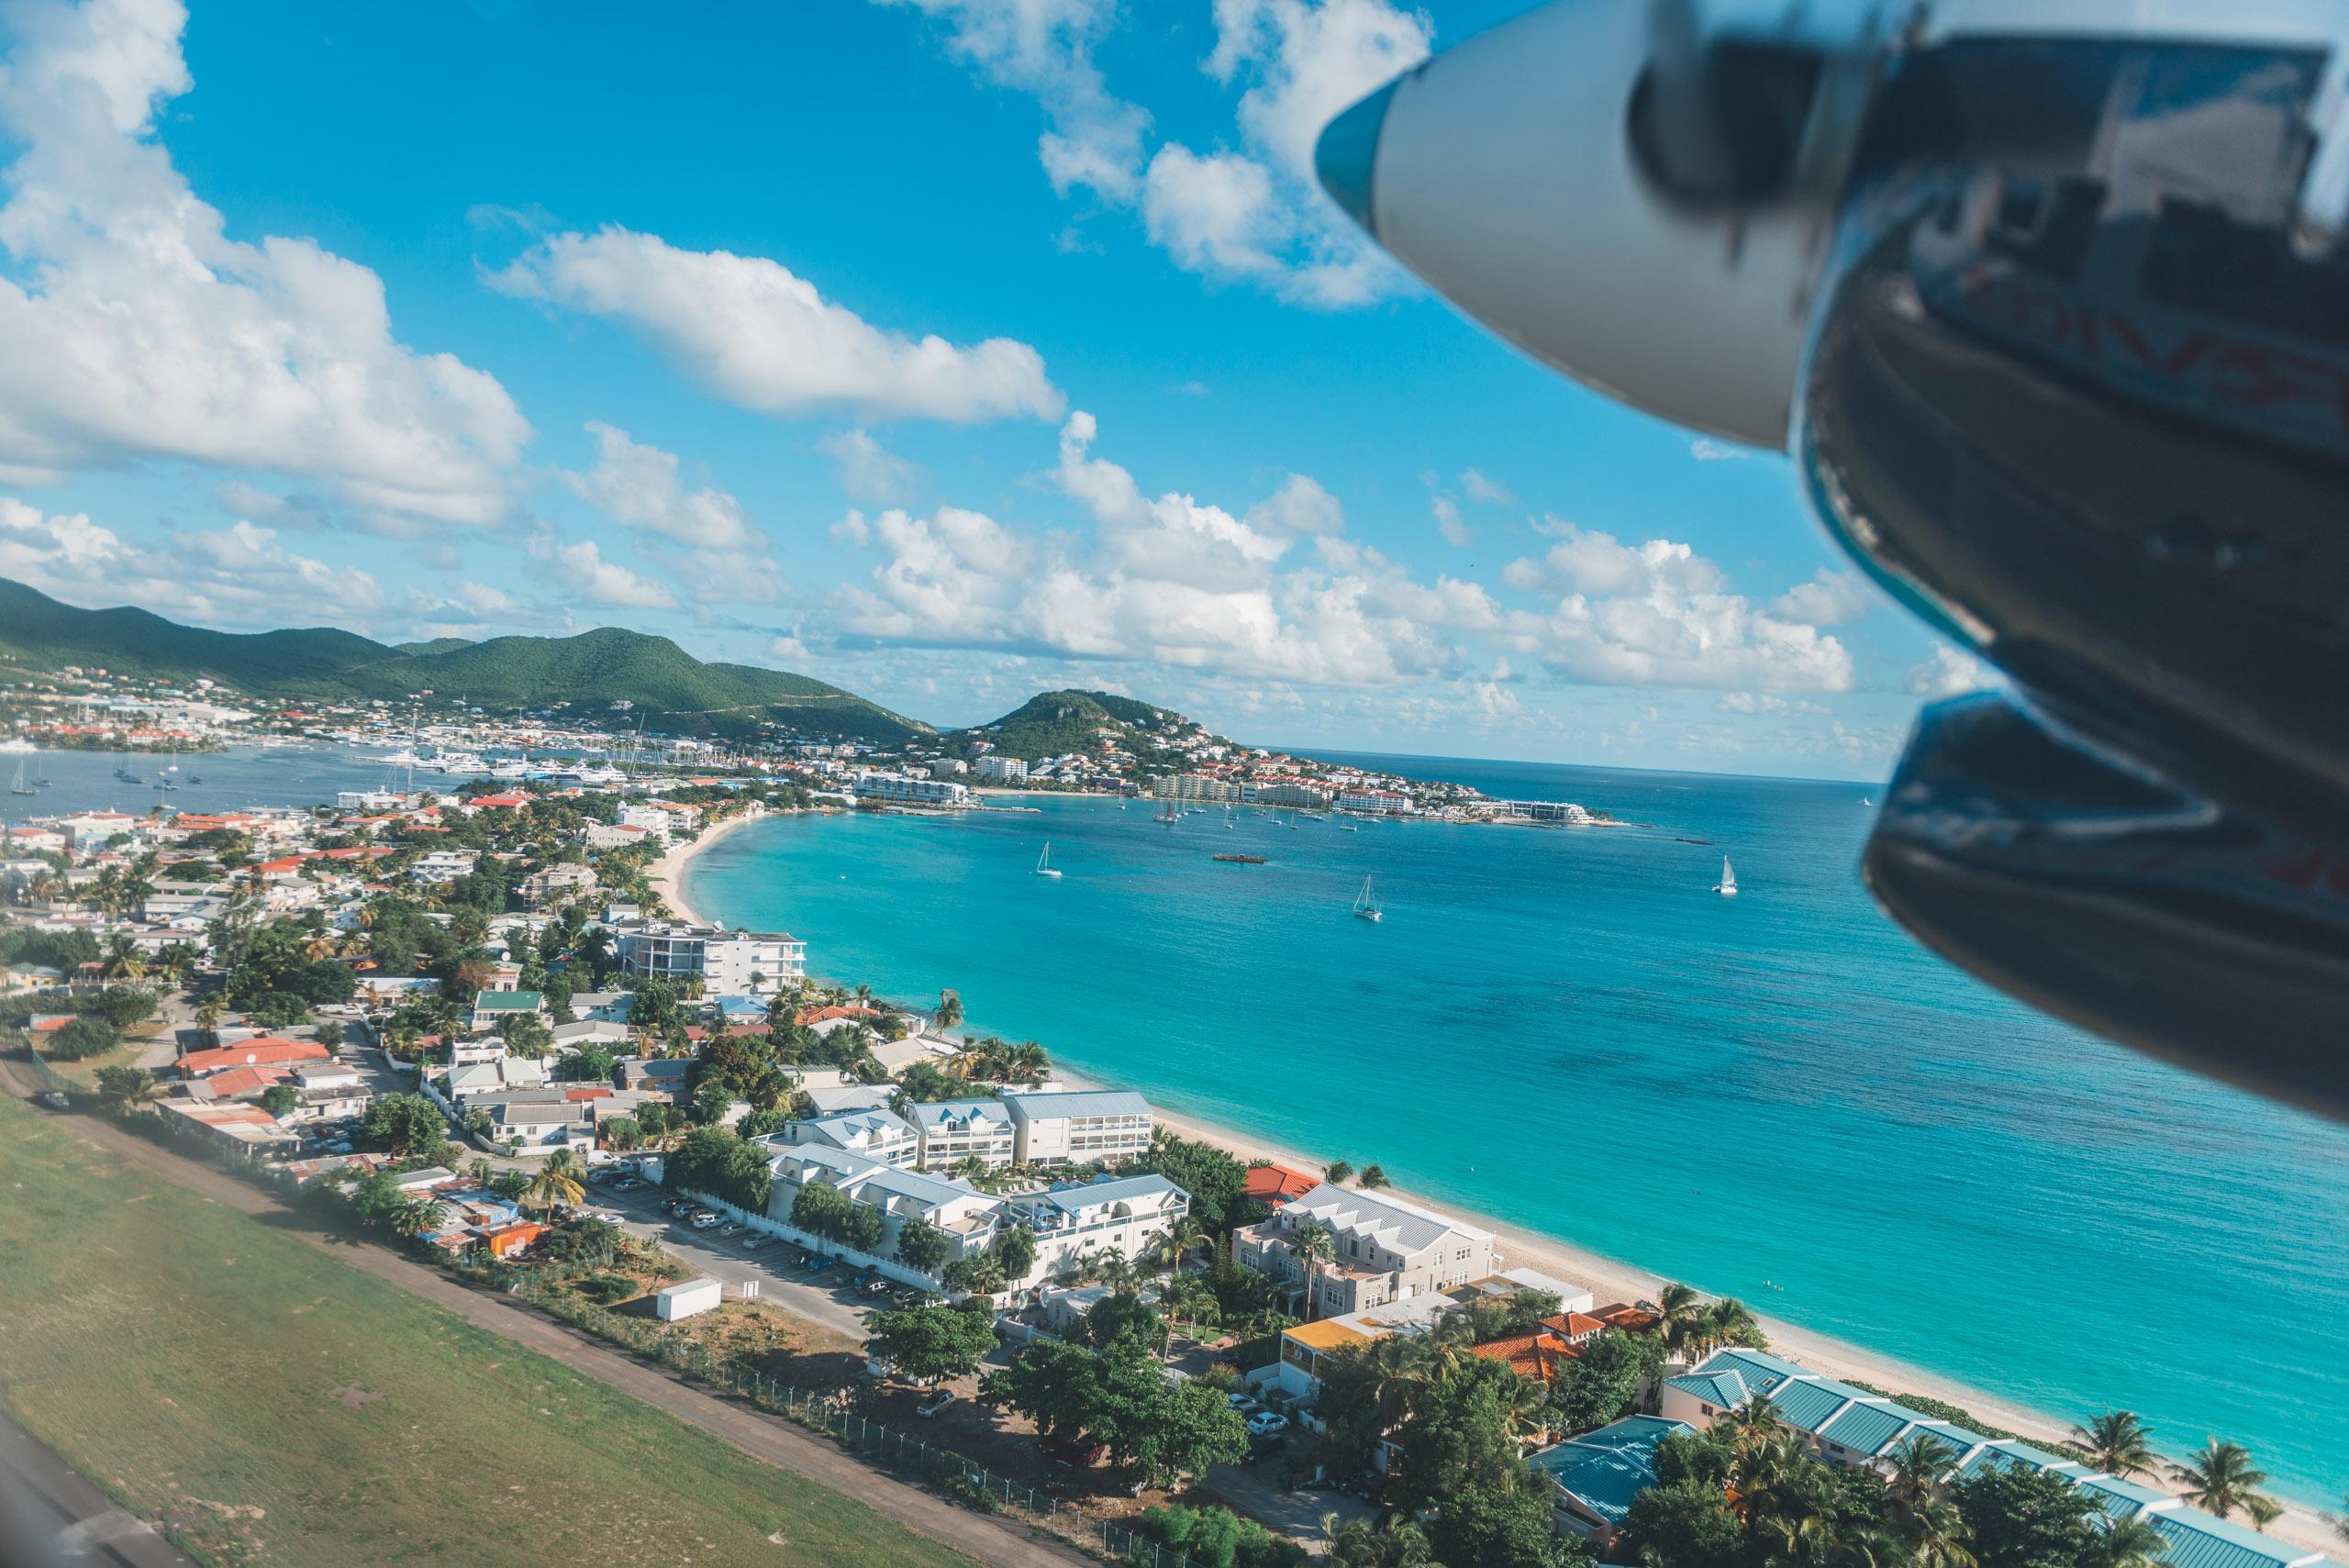 Departing St Maarten